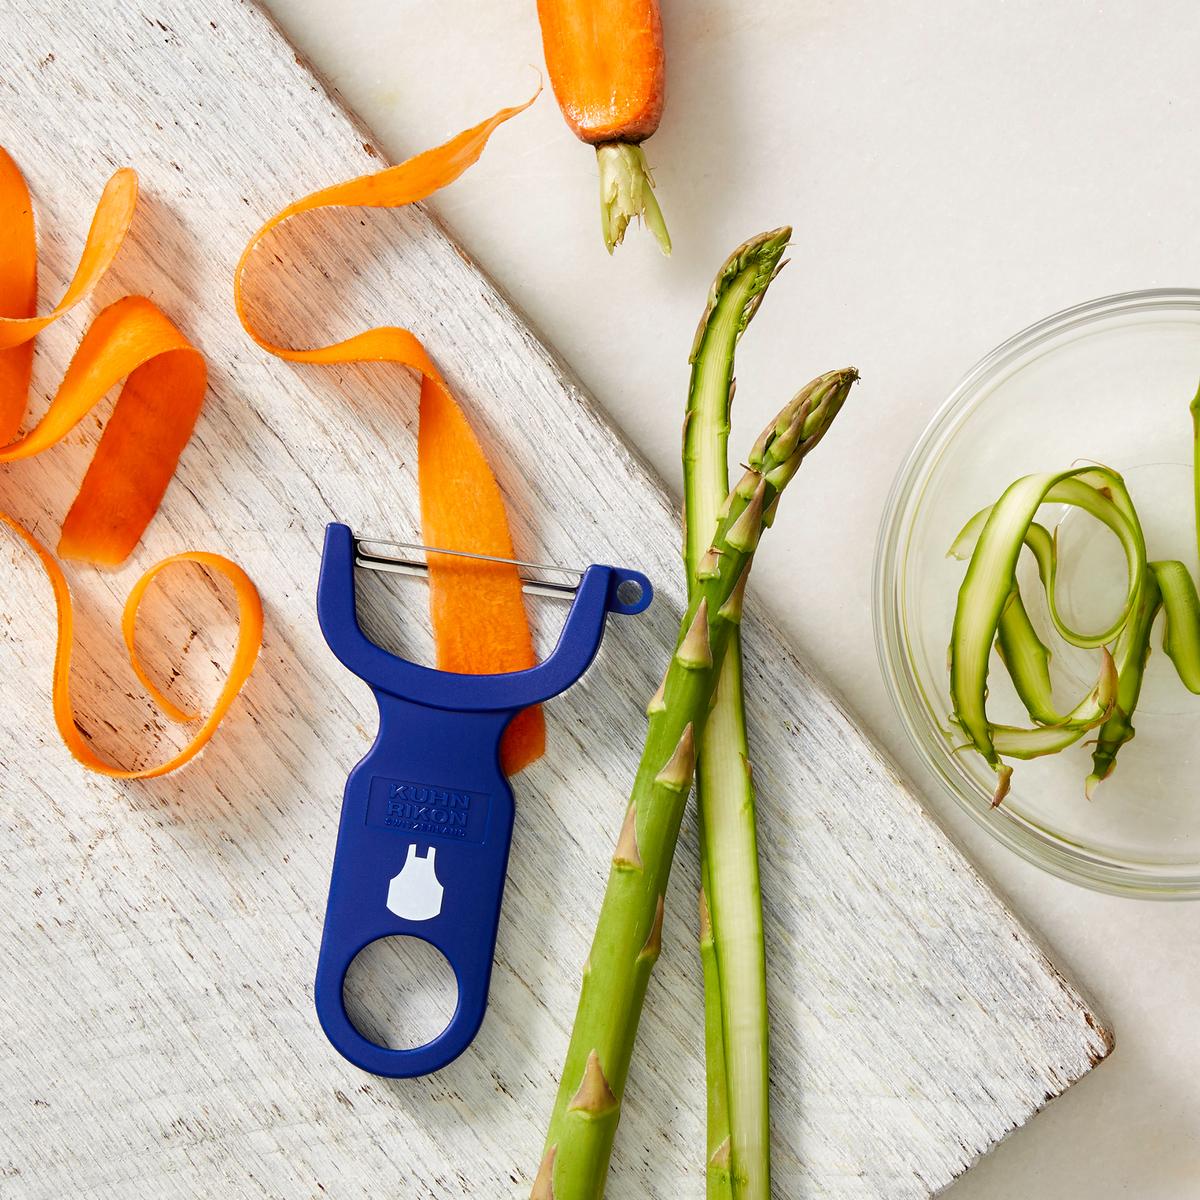 Blue apron zester -  Check Out The Prep Bundle Now Available At Blue Apron Market Https